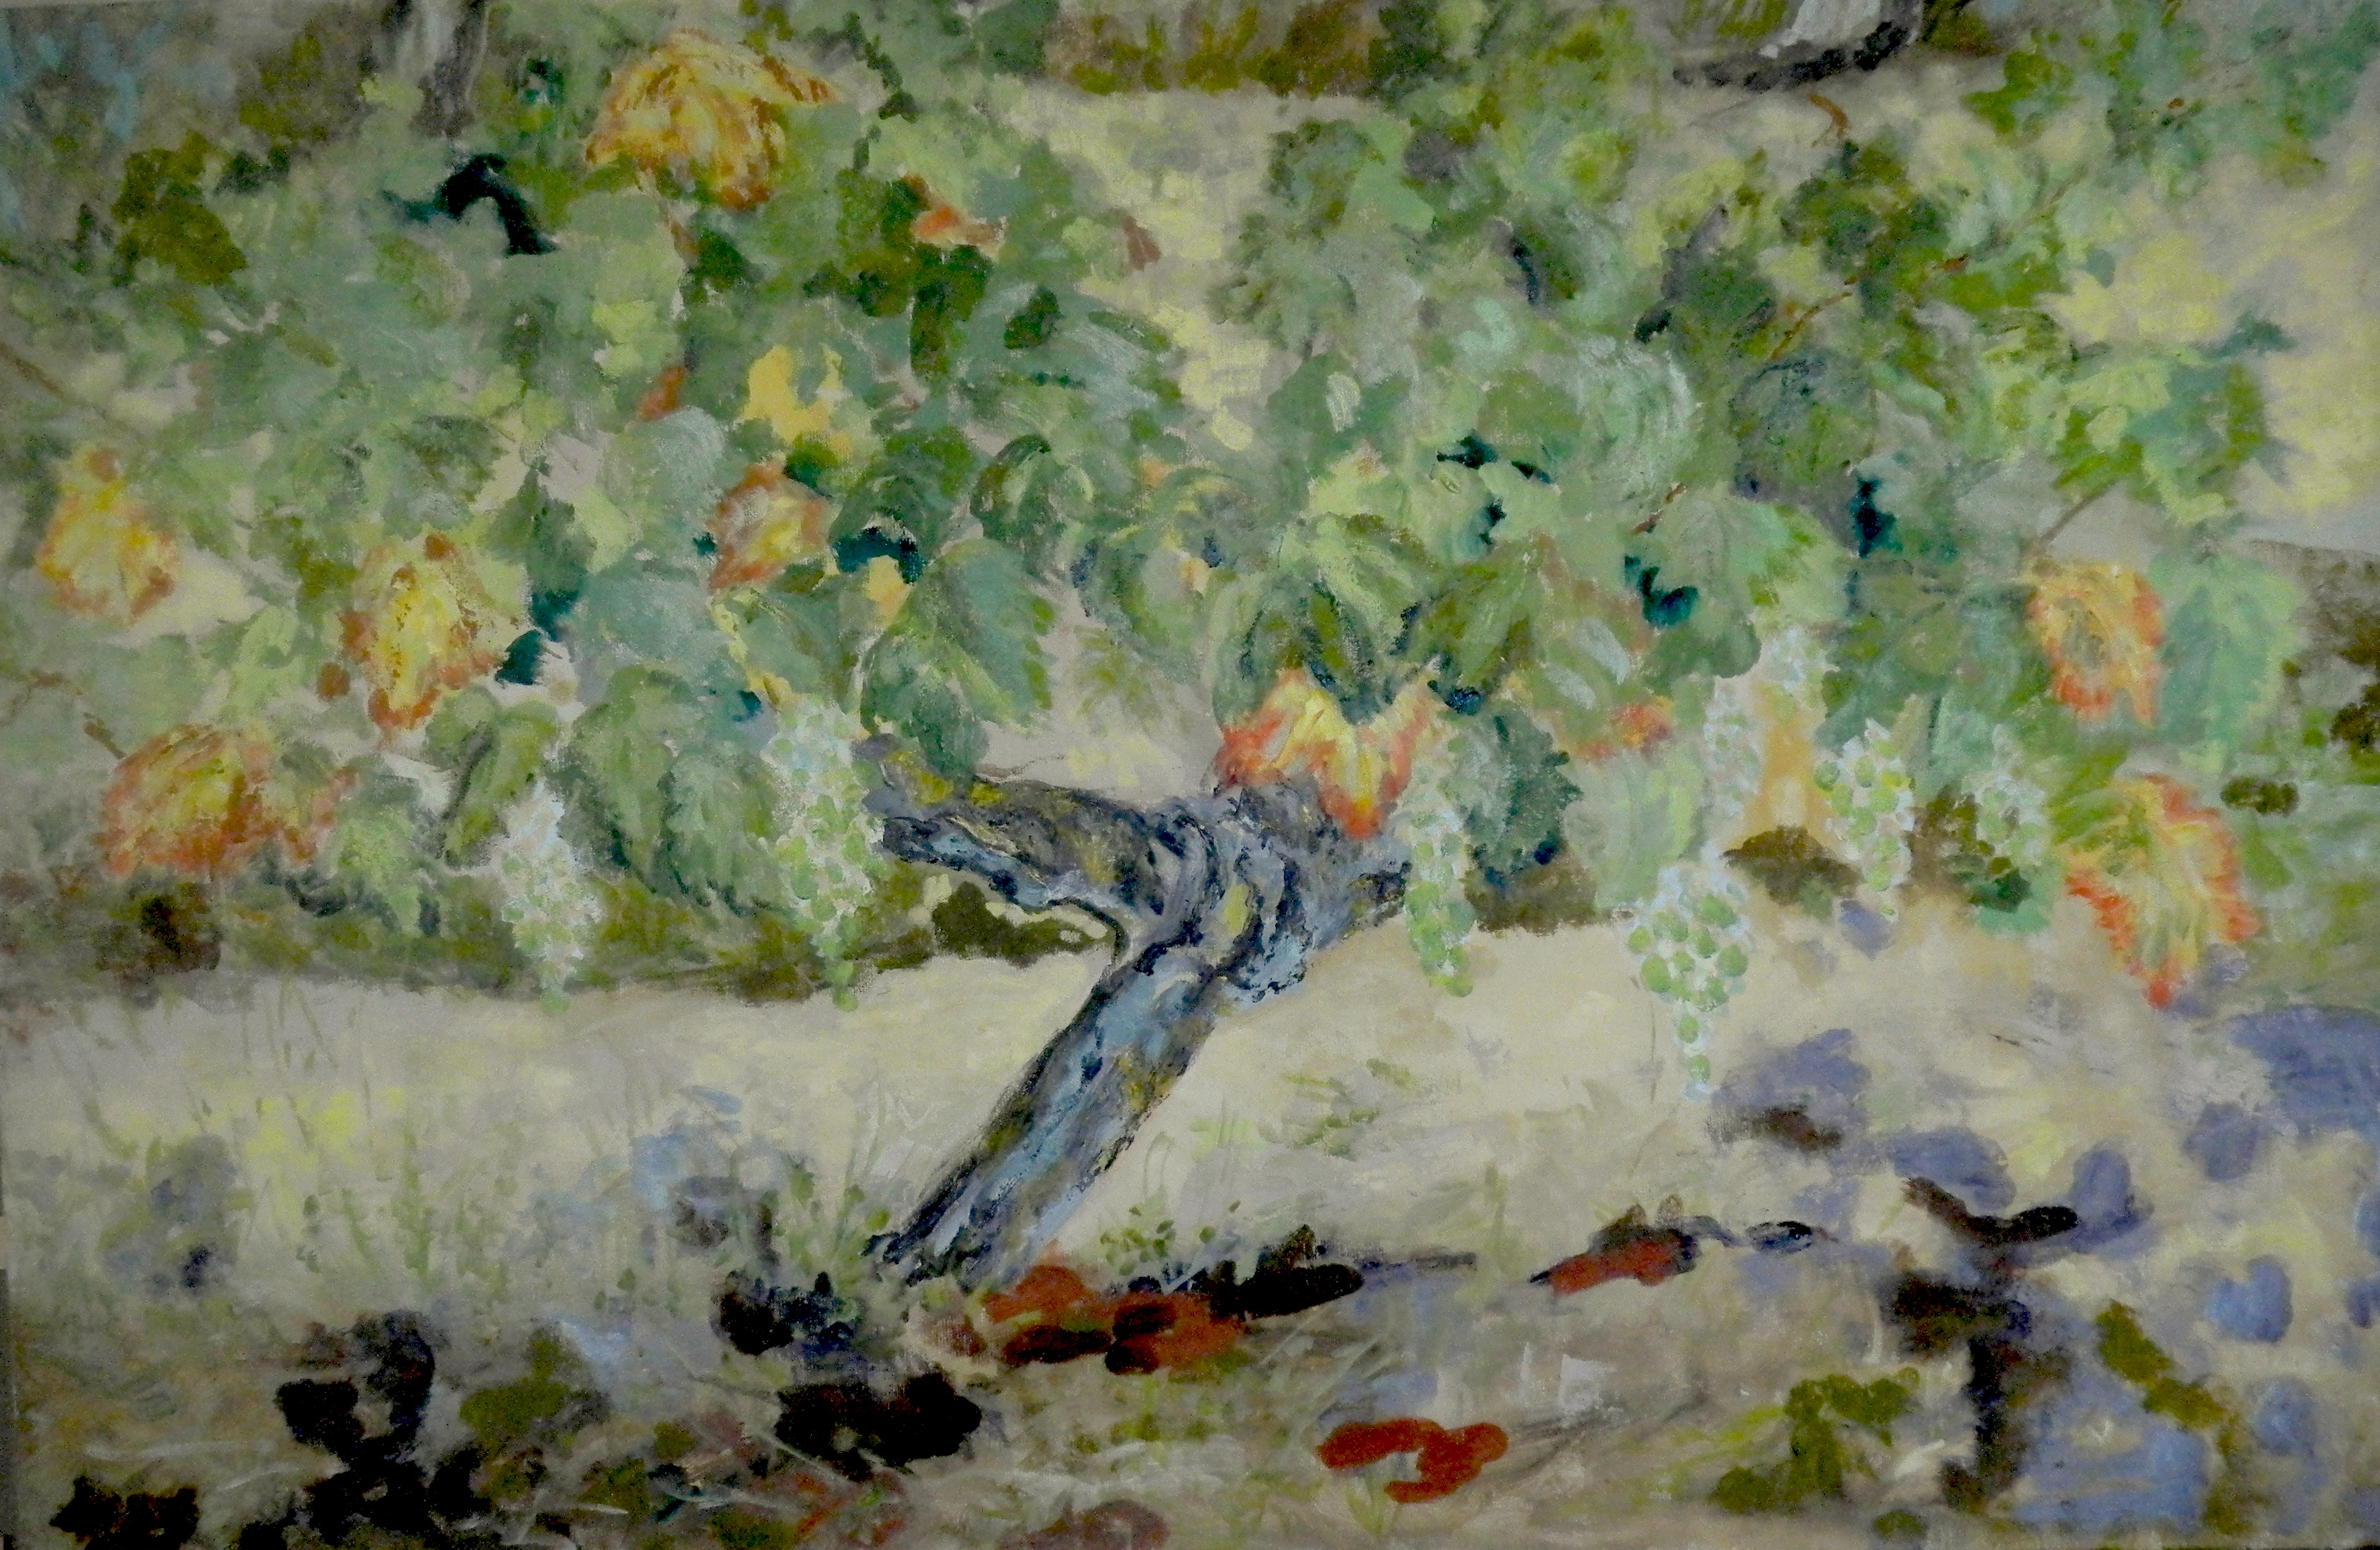 Image of - Fin d'Eté Raisins et Feuilles dorés (End of Summer Grapes and Golden Leaves)